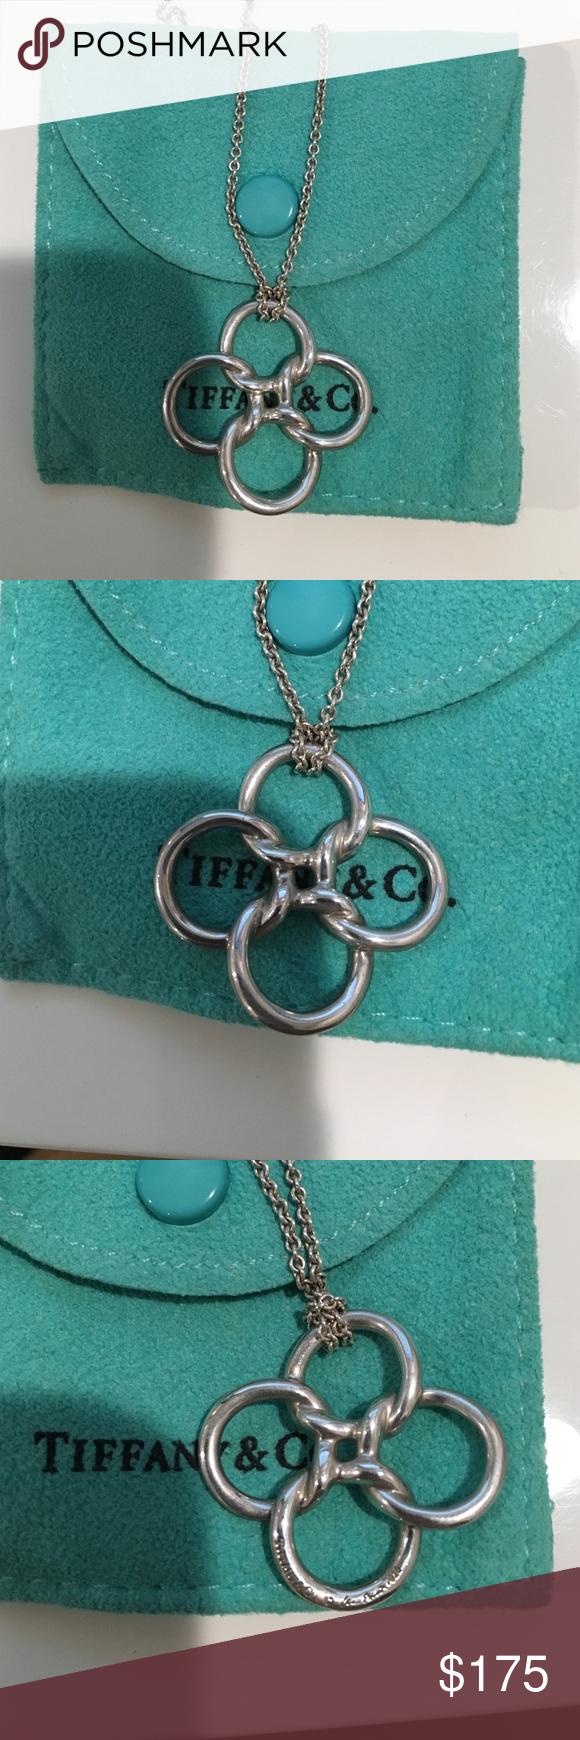 Tiffany co elsa peretti quadrifoglio pendant elsa peretti tiffany co elsa peretti quadrifoglio pendant mozeypictures Gallery